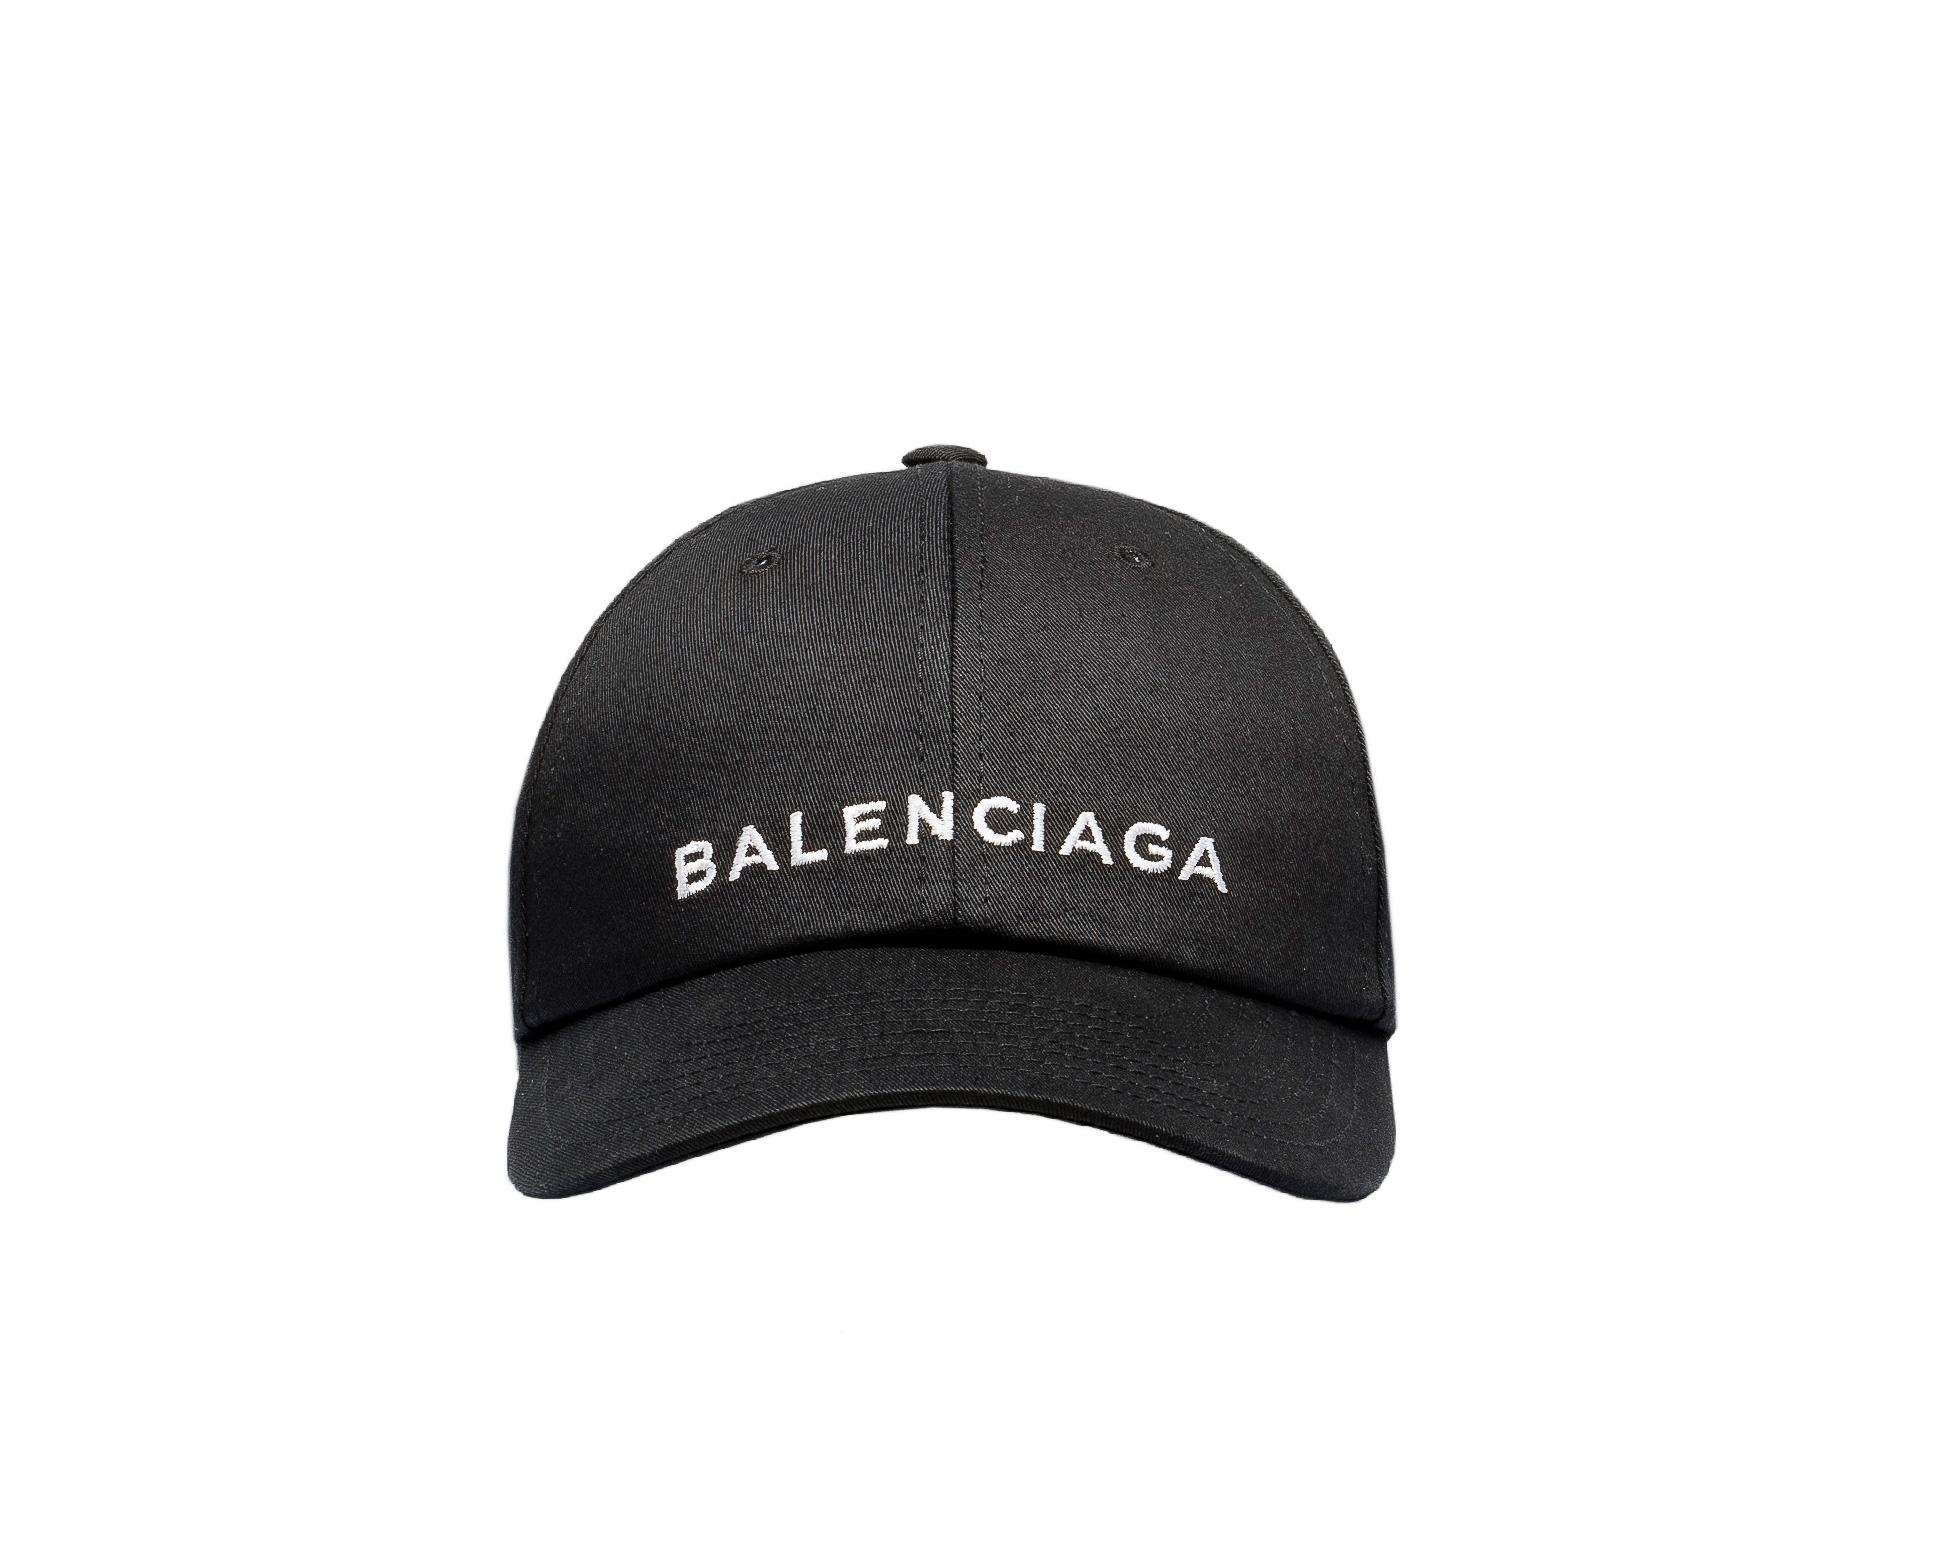 8cbedfefc0d97 Balenciaga Logo Baseball Cap - nitrolicious.com